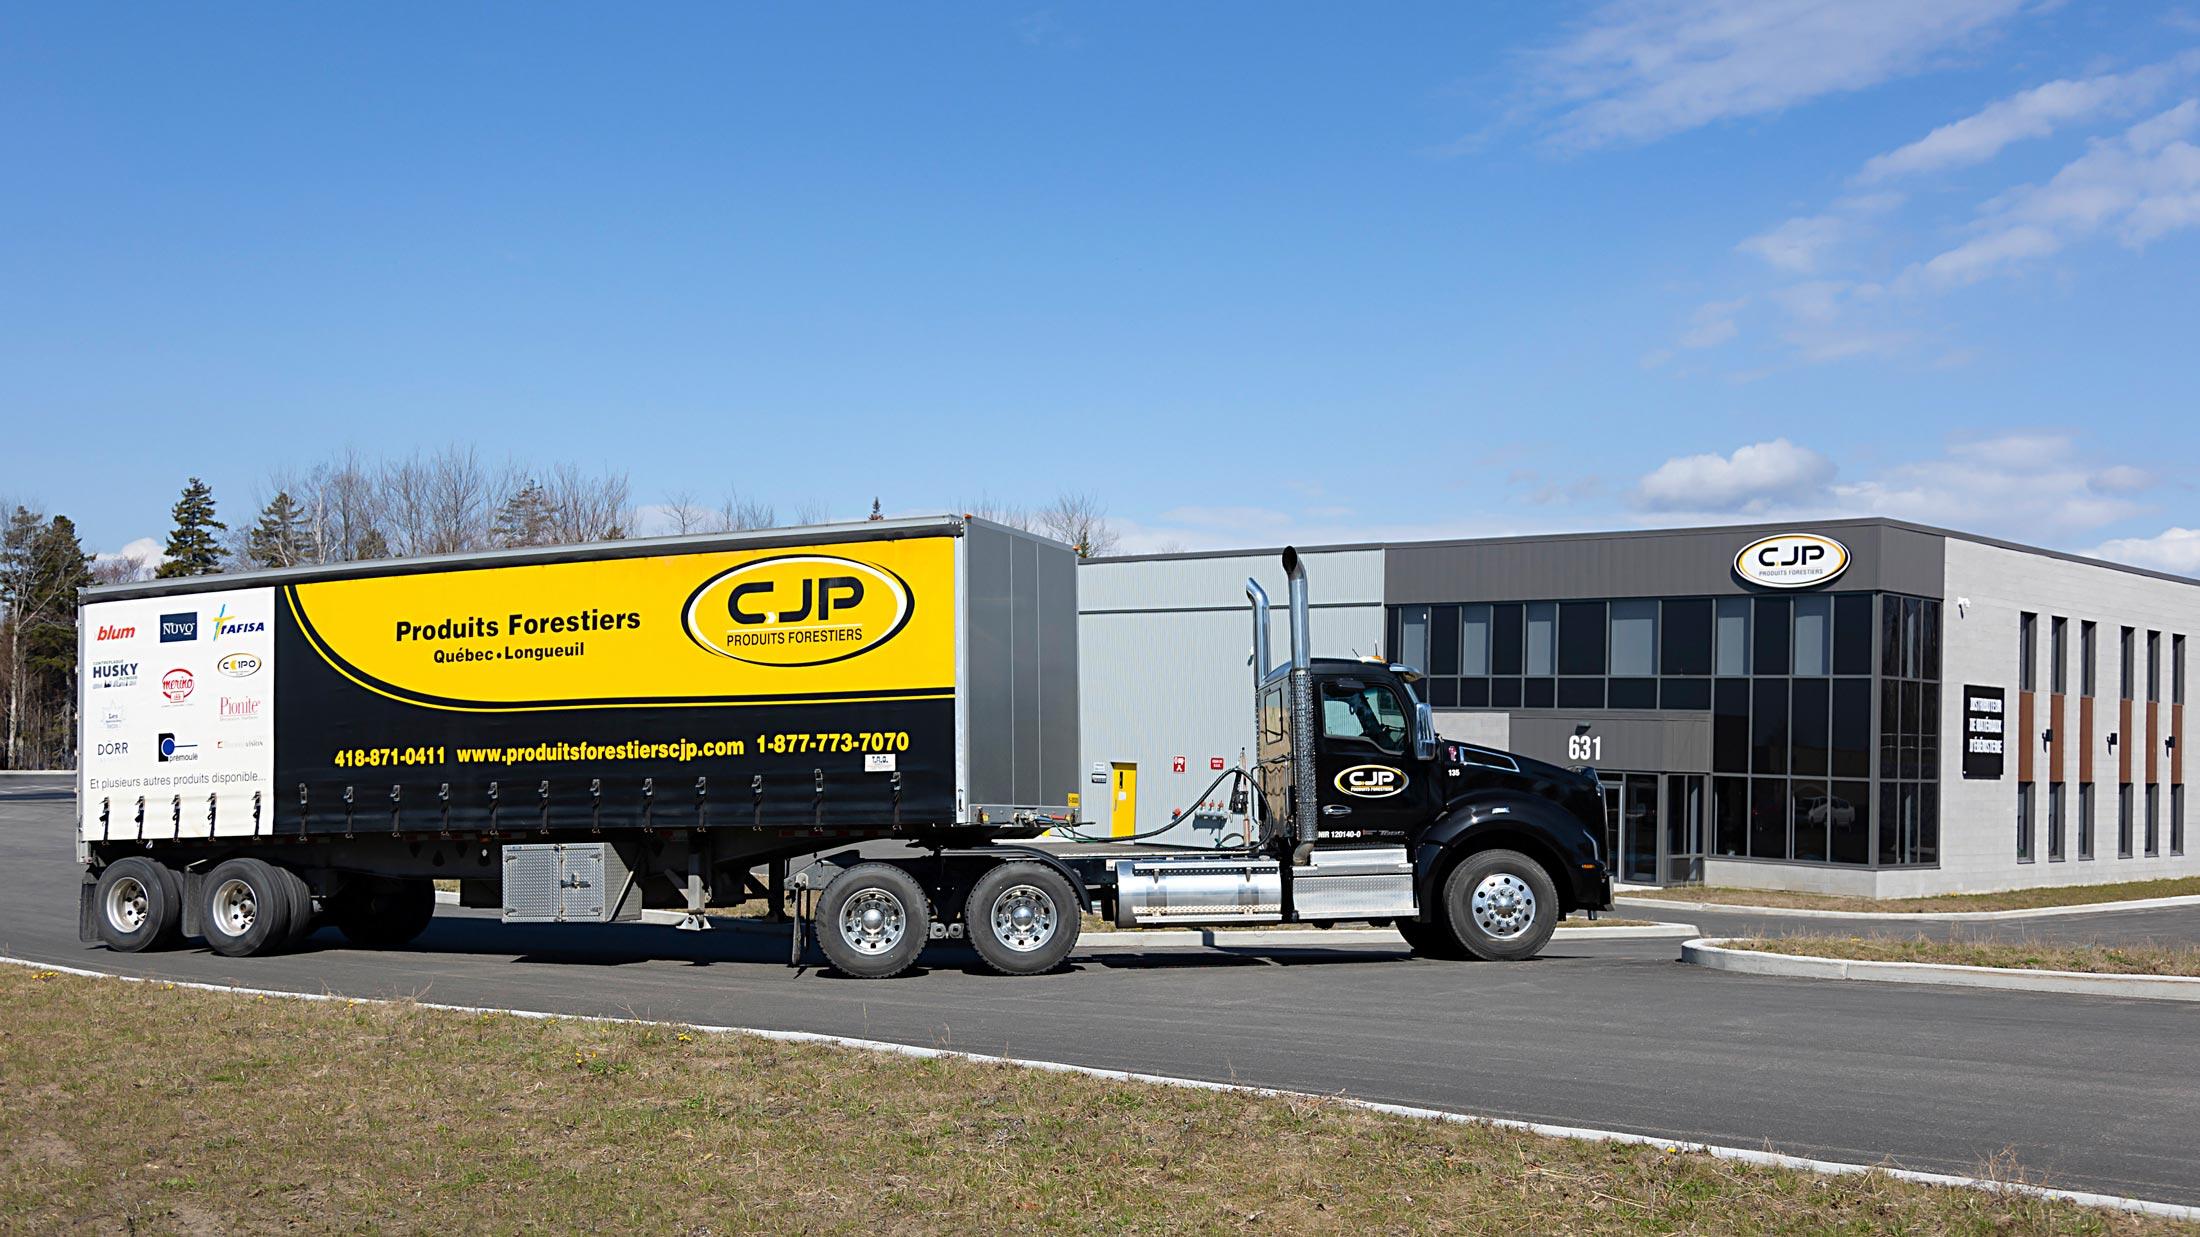 Camion CJP